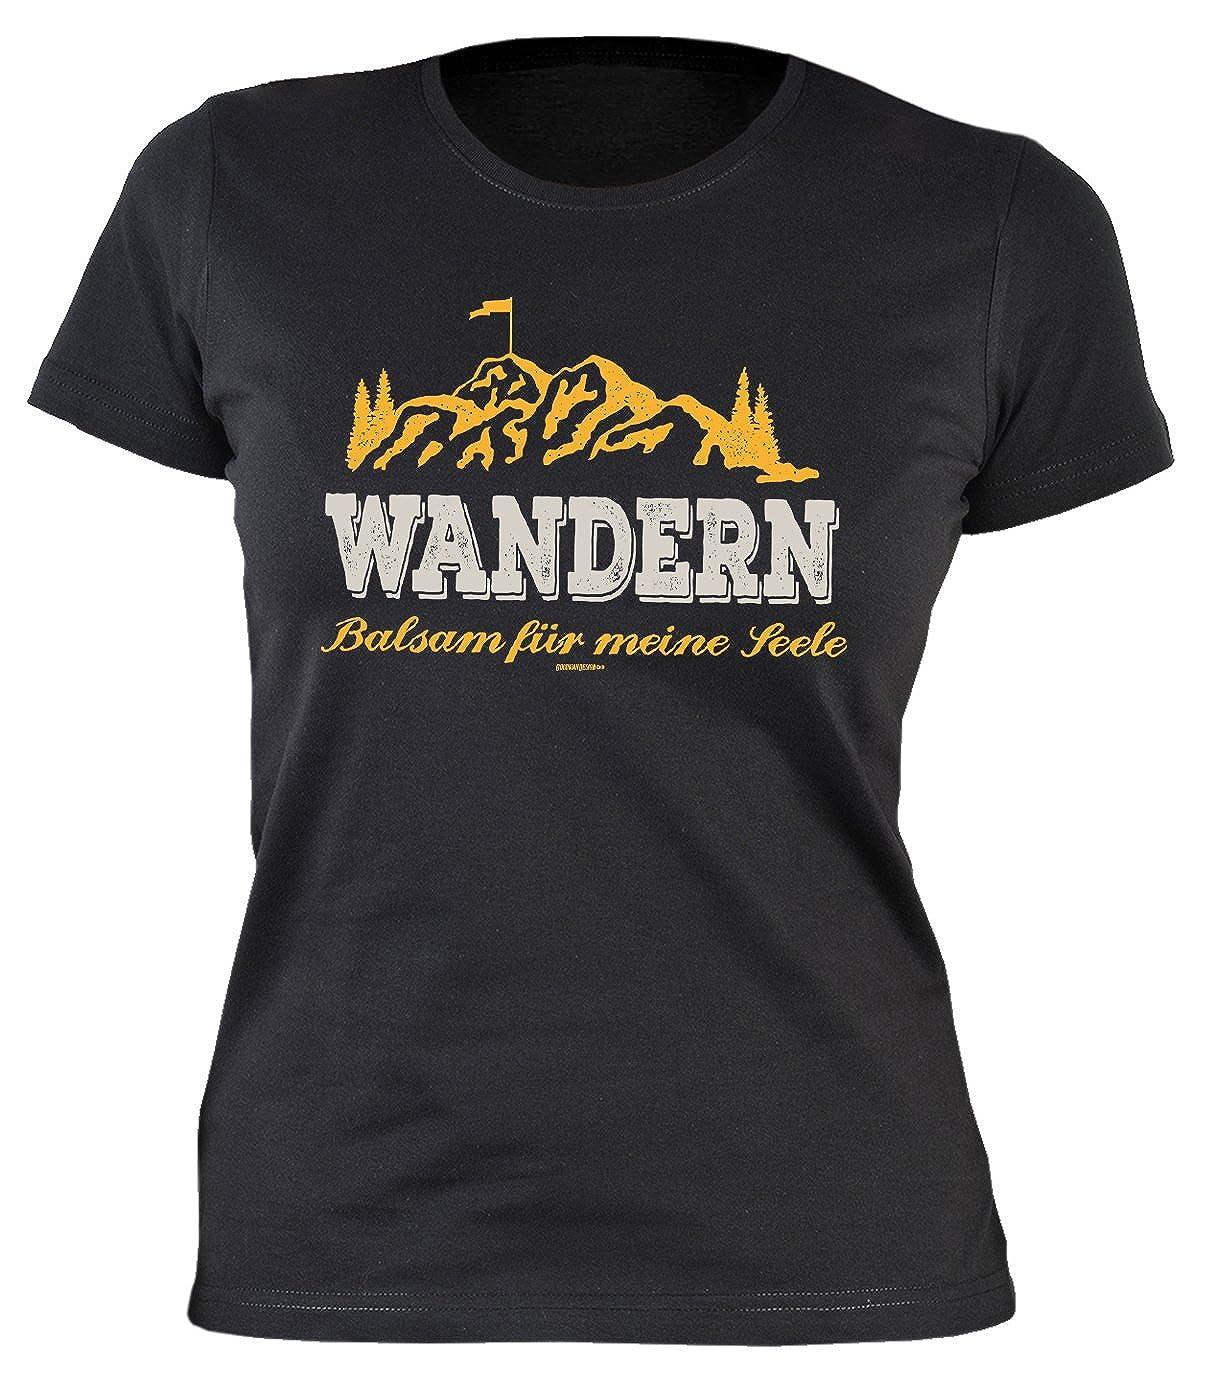 Wandern M/ädchen Pilgern Spr/üche T-Shirt Damen WANDERN Balsam Wanderer Bergsteiger Berge Print Bergsport Wallfahrt